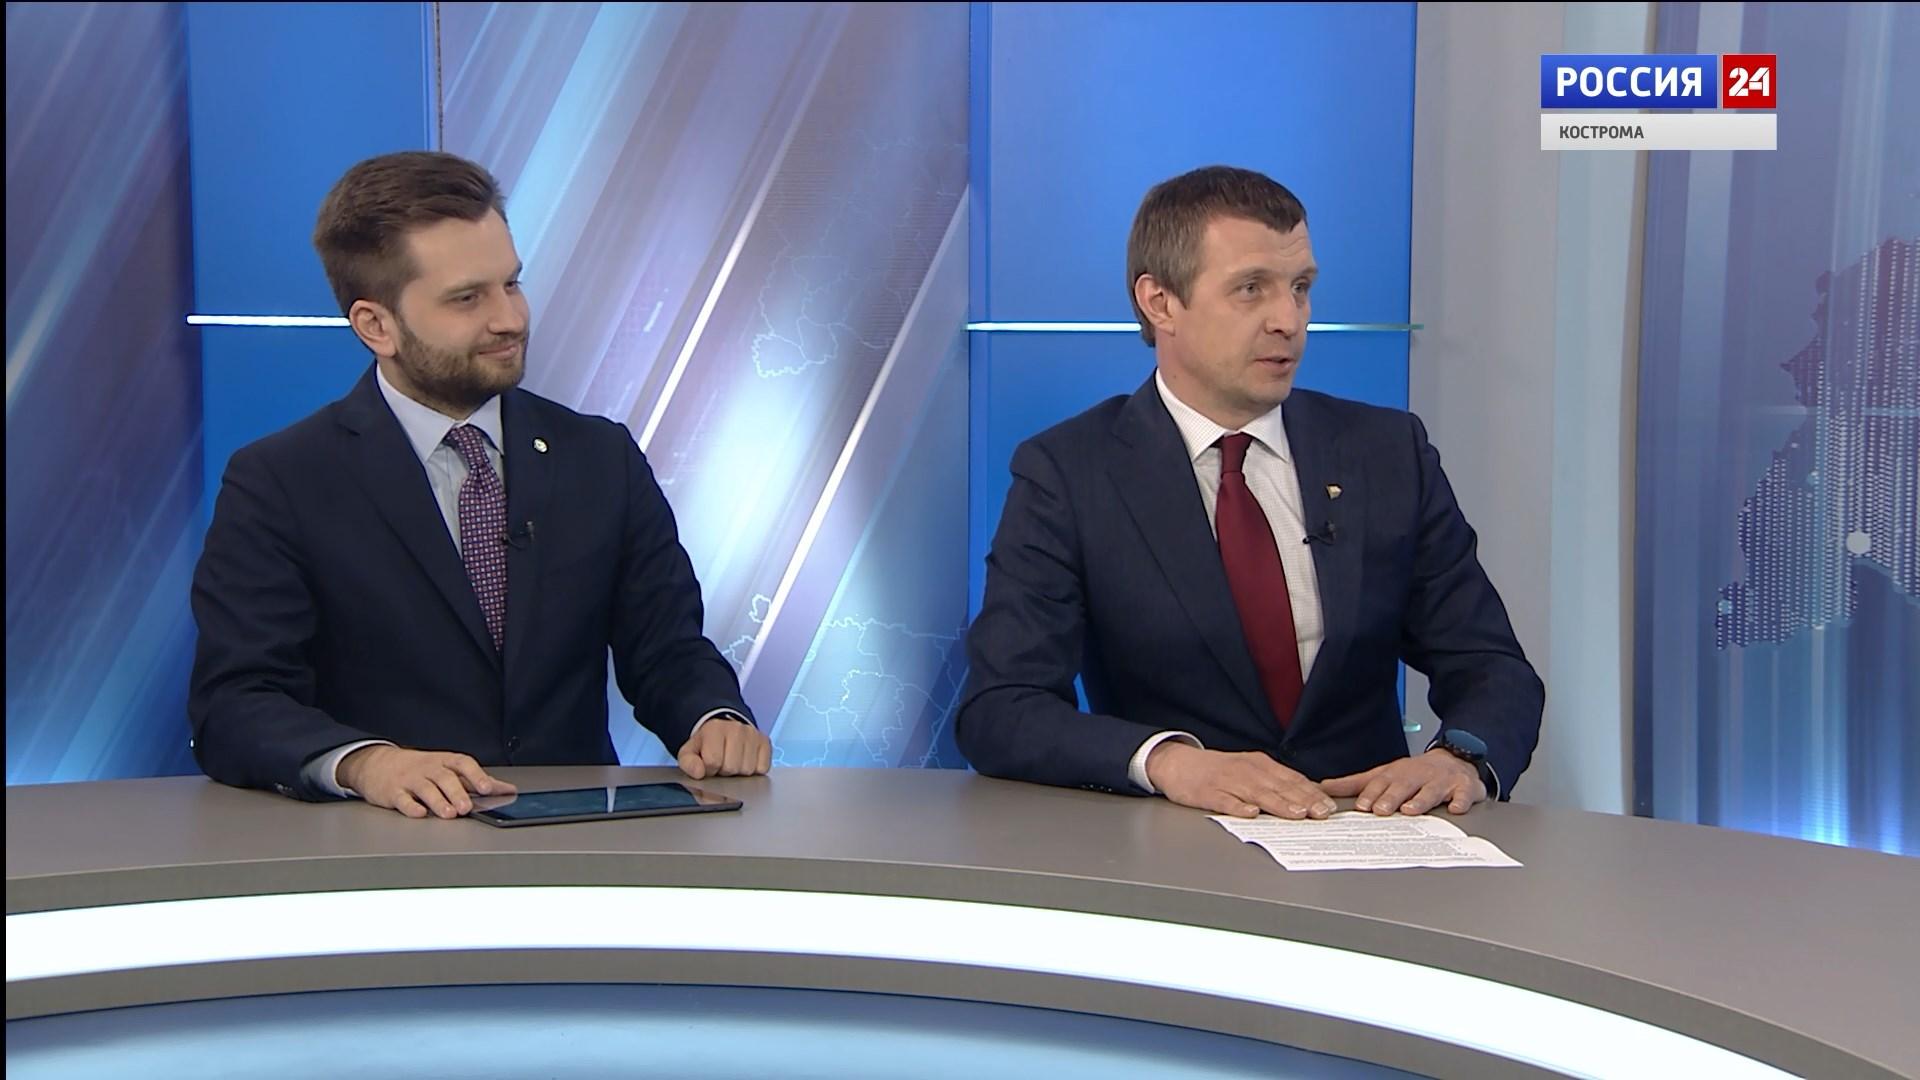 Спрос на загородную недвижимость под Костромой бьёт рекорды